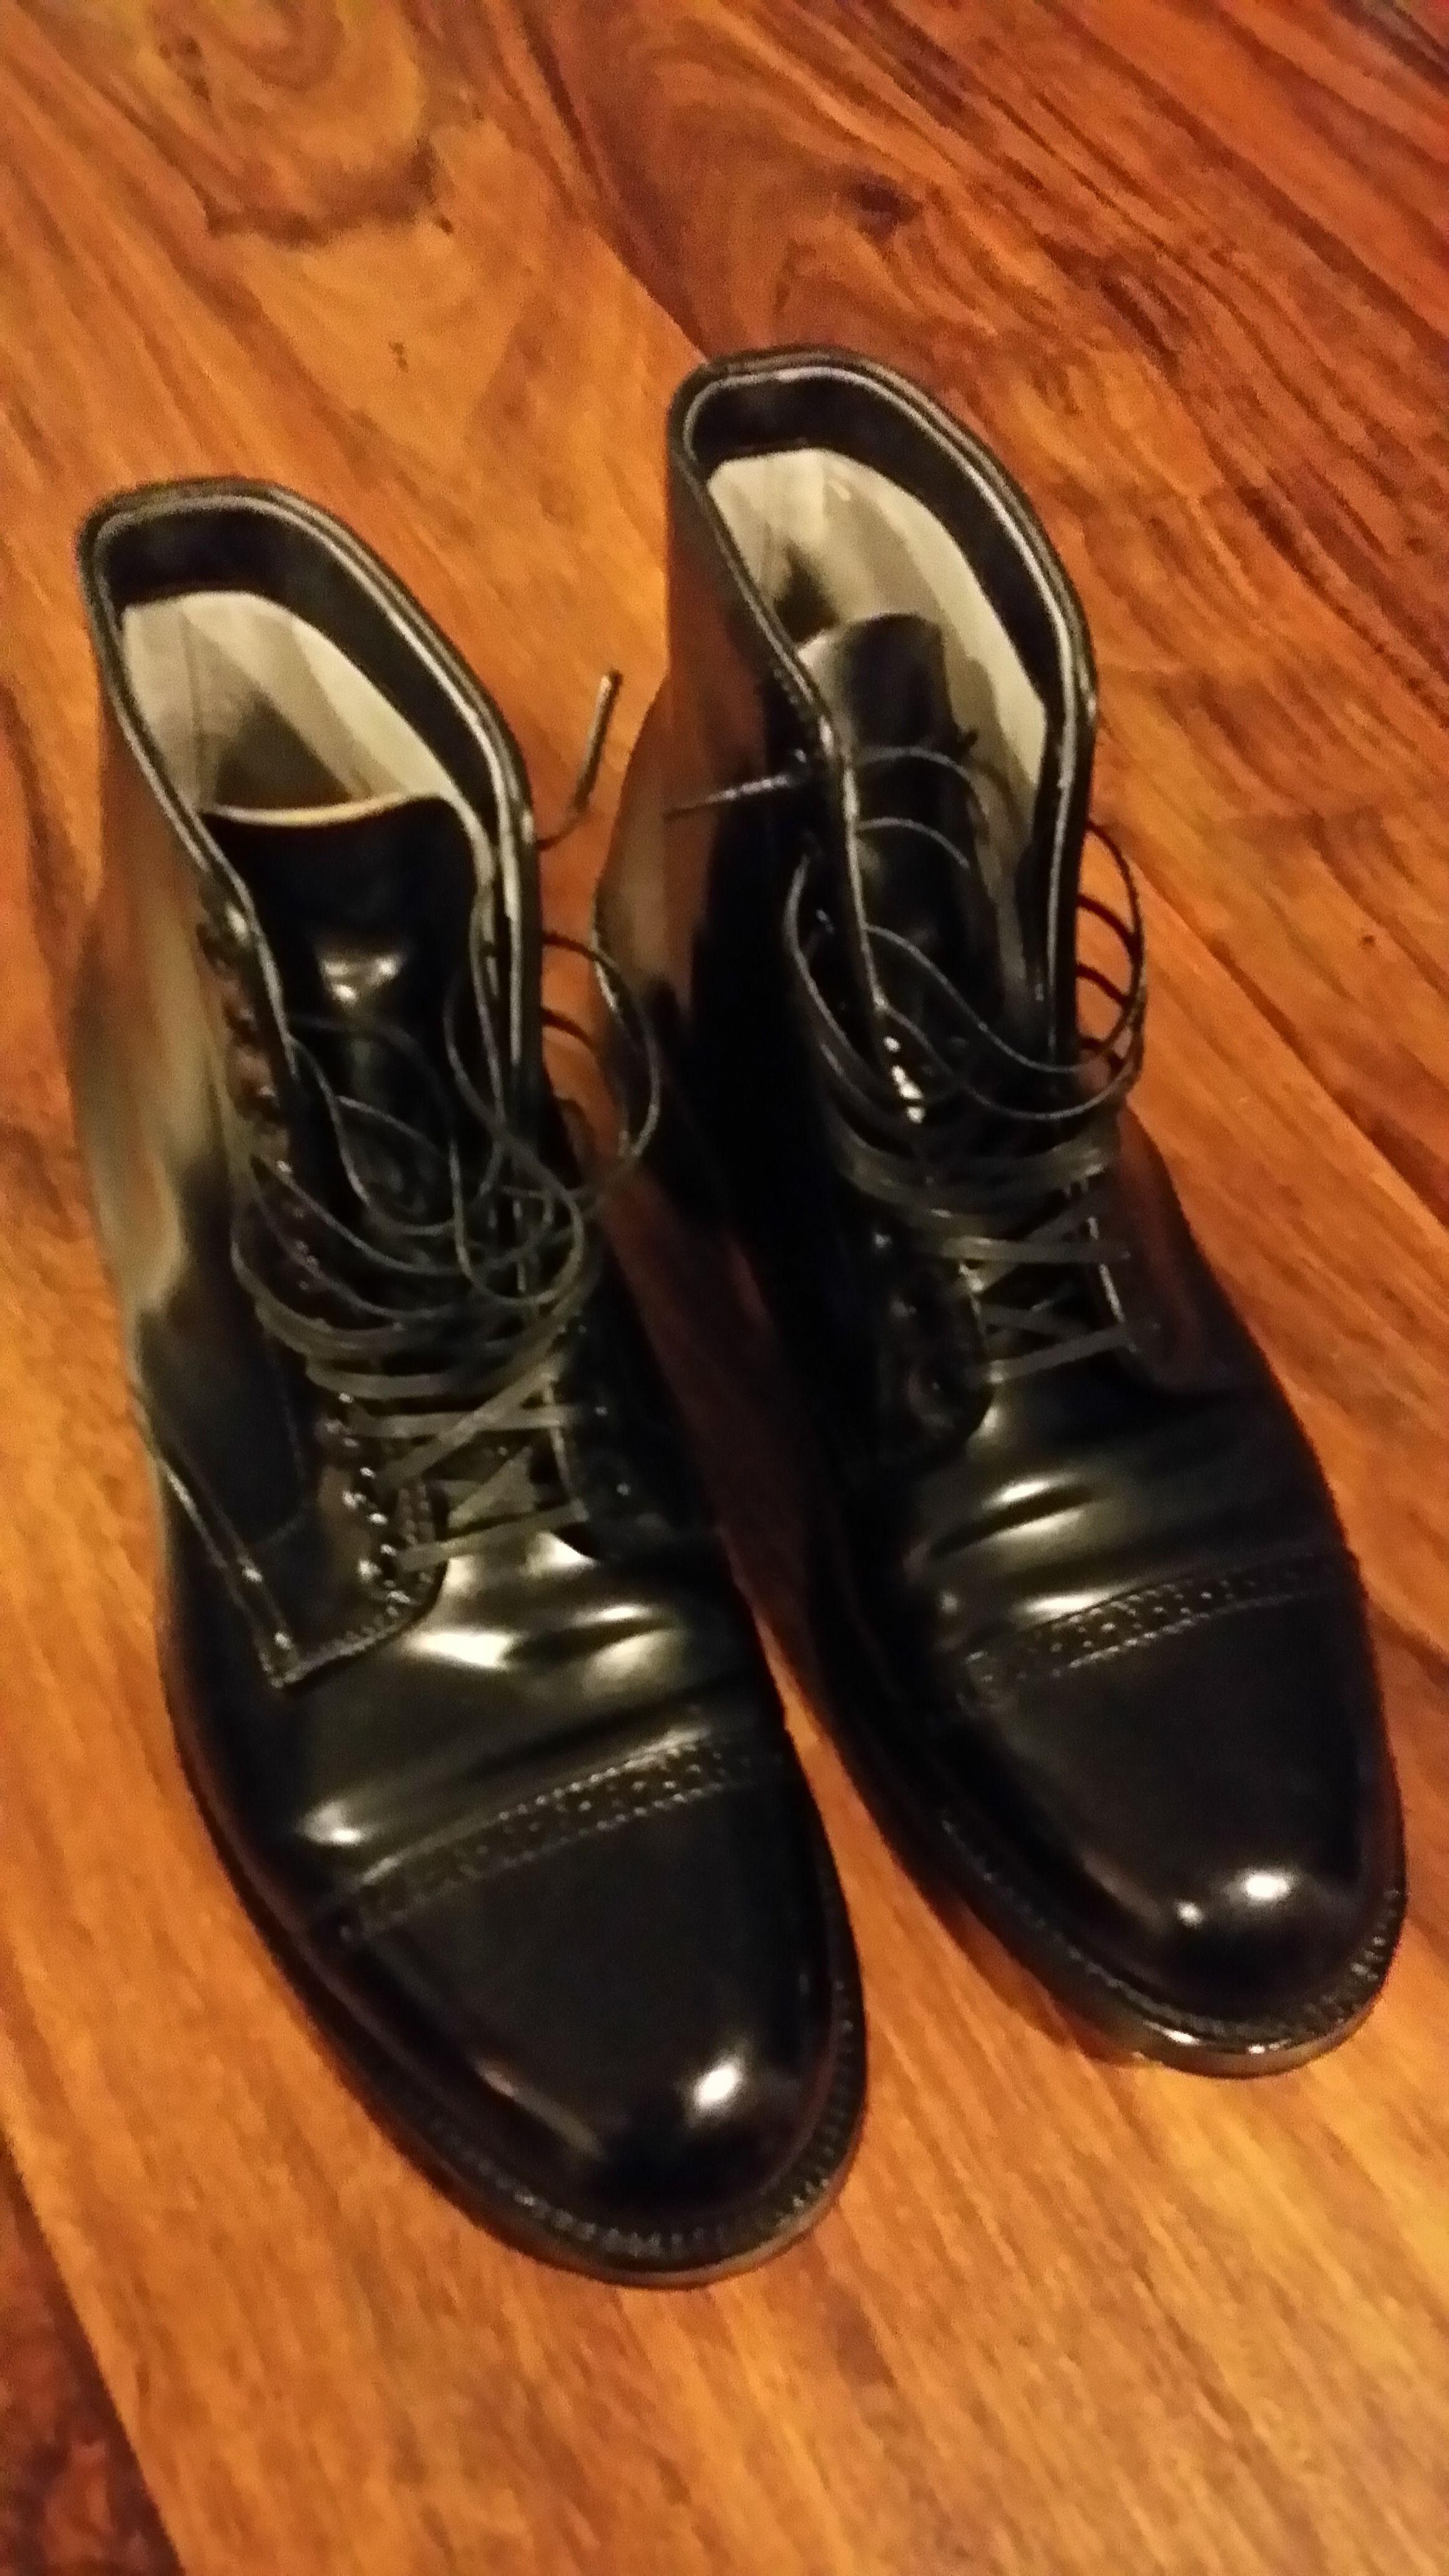 Alden Black Cordovan CapToe Navy Boots